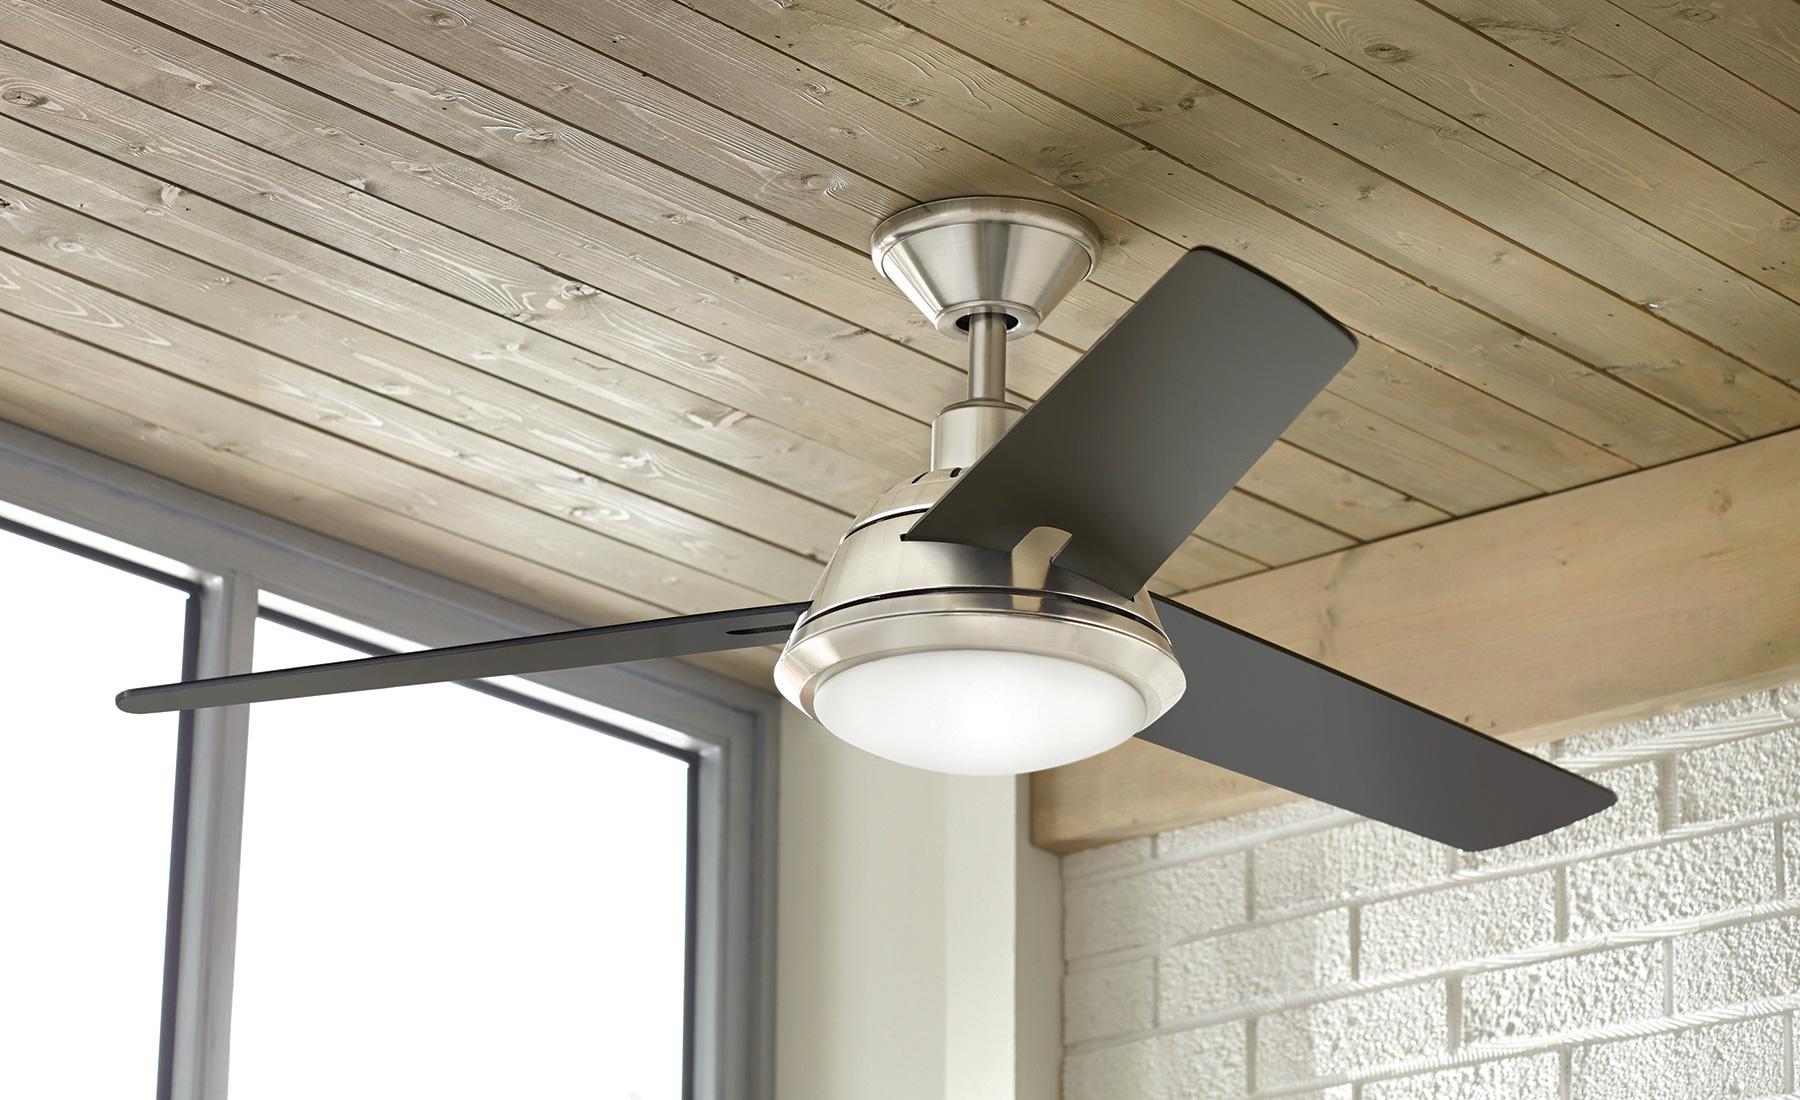 wink | gardinier wink enabled ceiling fan